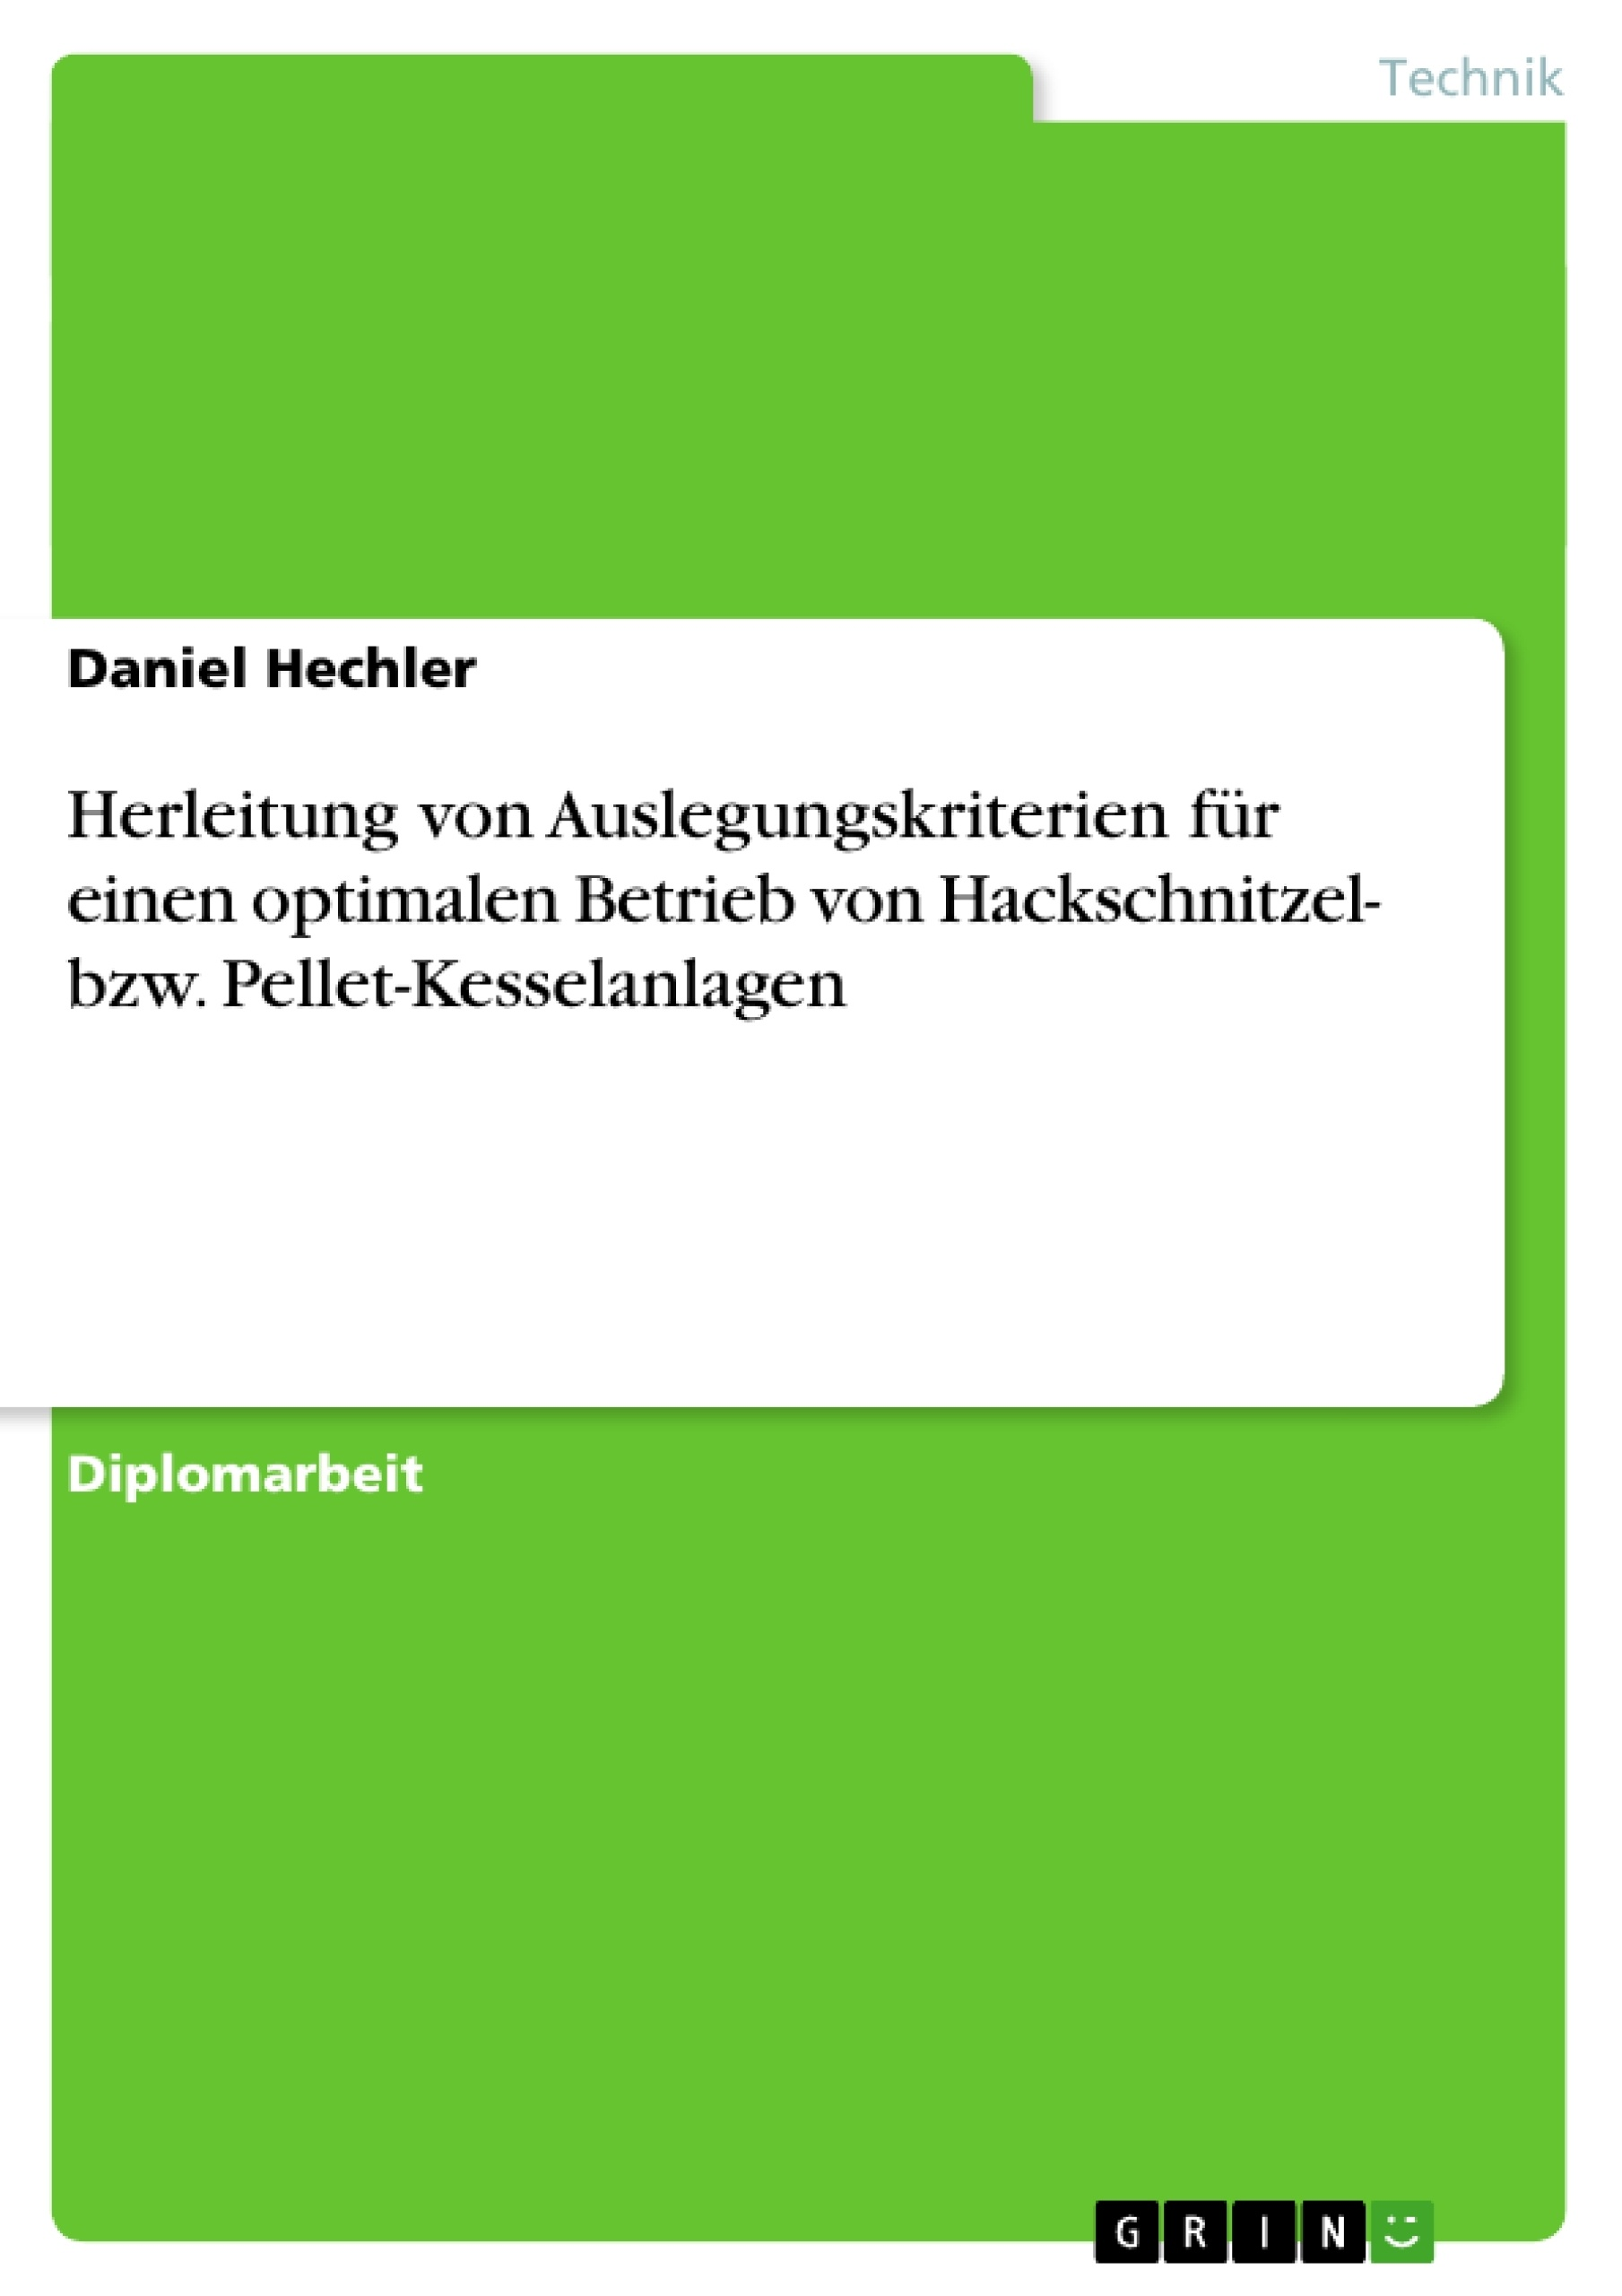 Titel: Herleitung von Auslegungskriterien für einen optimalen Betrieb von Hackschnitzel- bzw. Pellet-Kesselanlagen